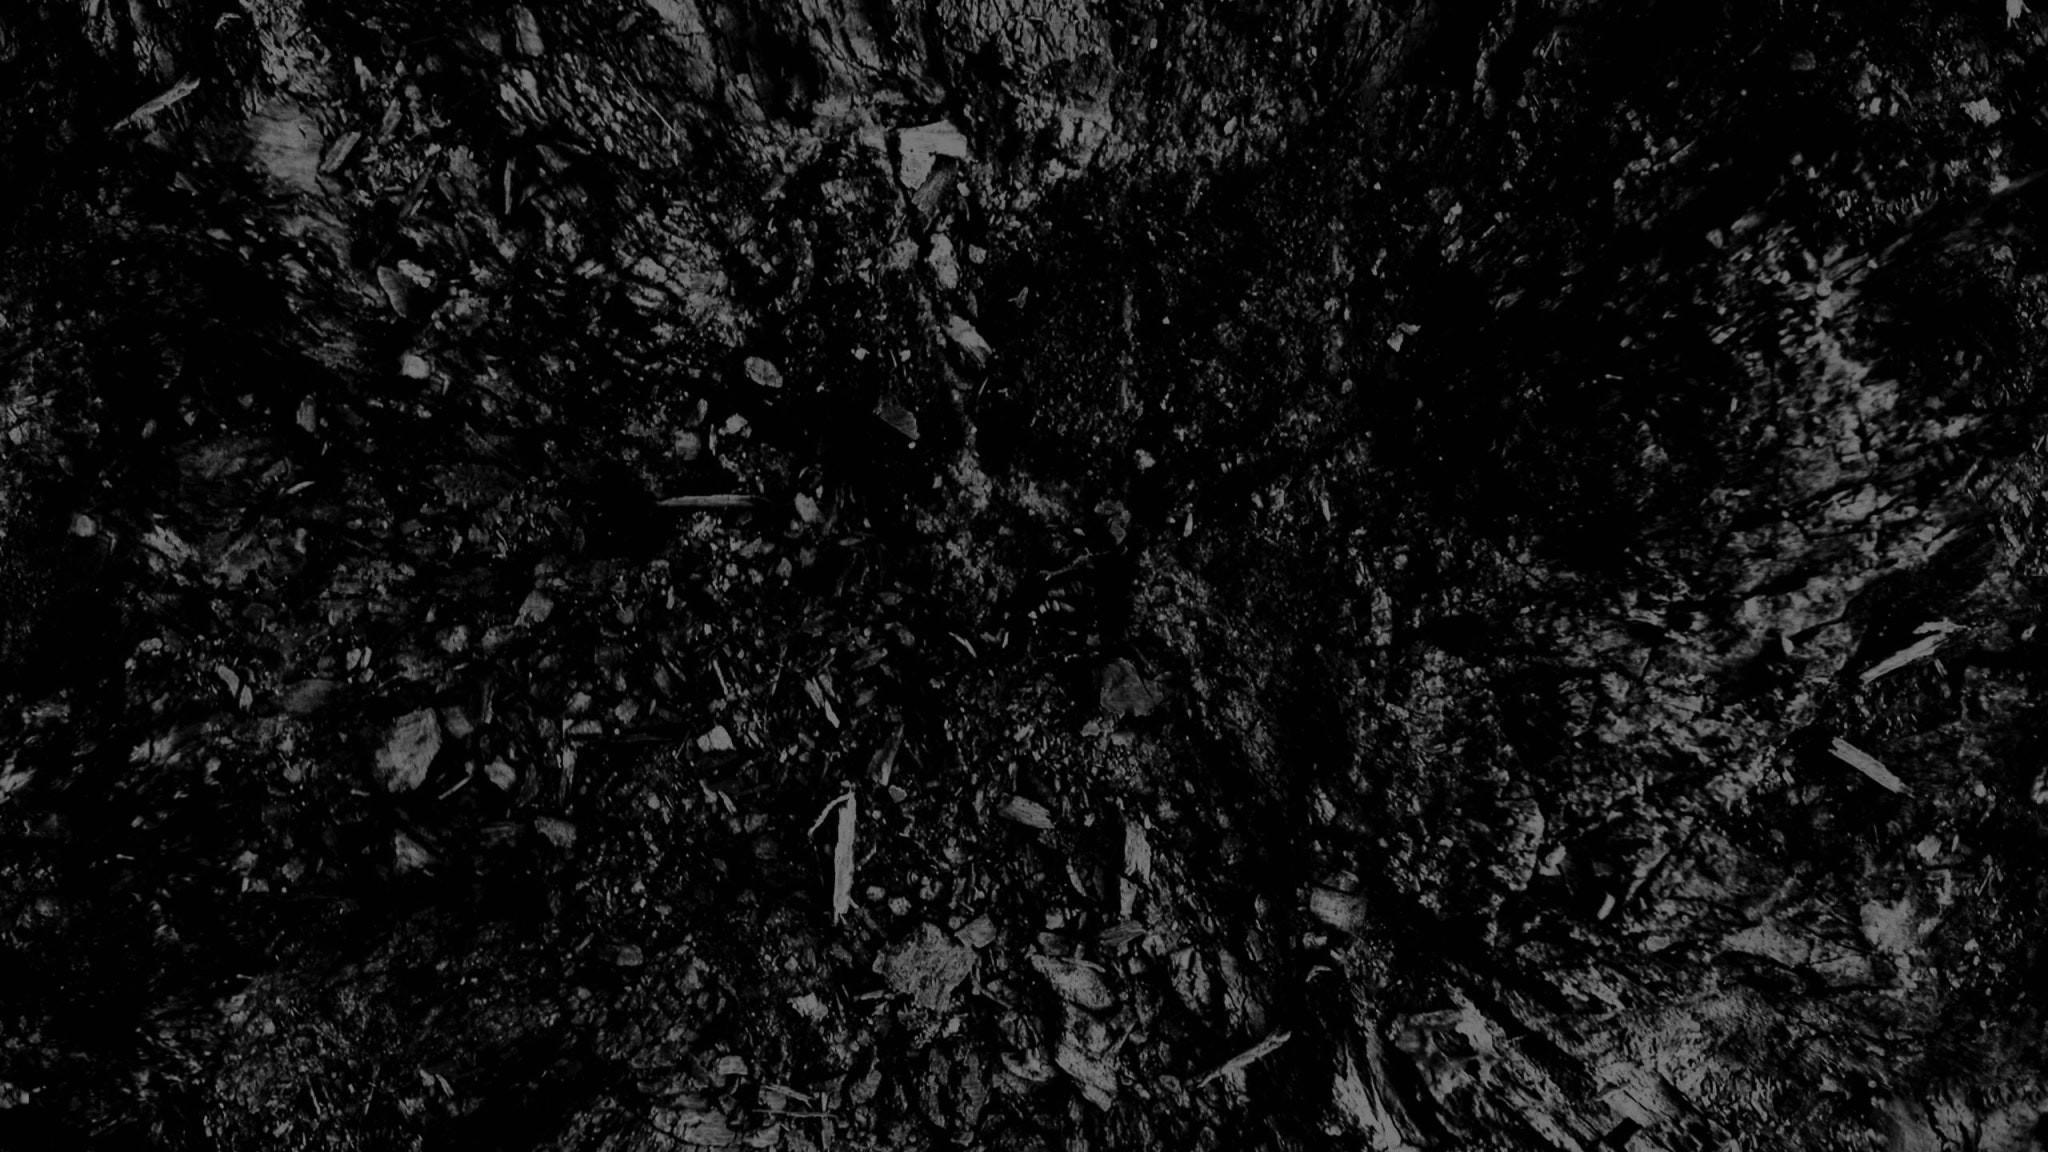 Dark Desktop Wallpaper 67 Images